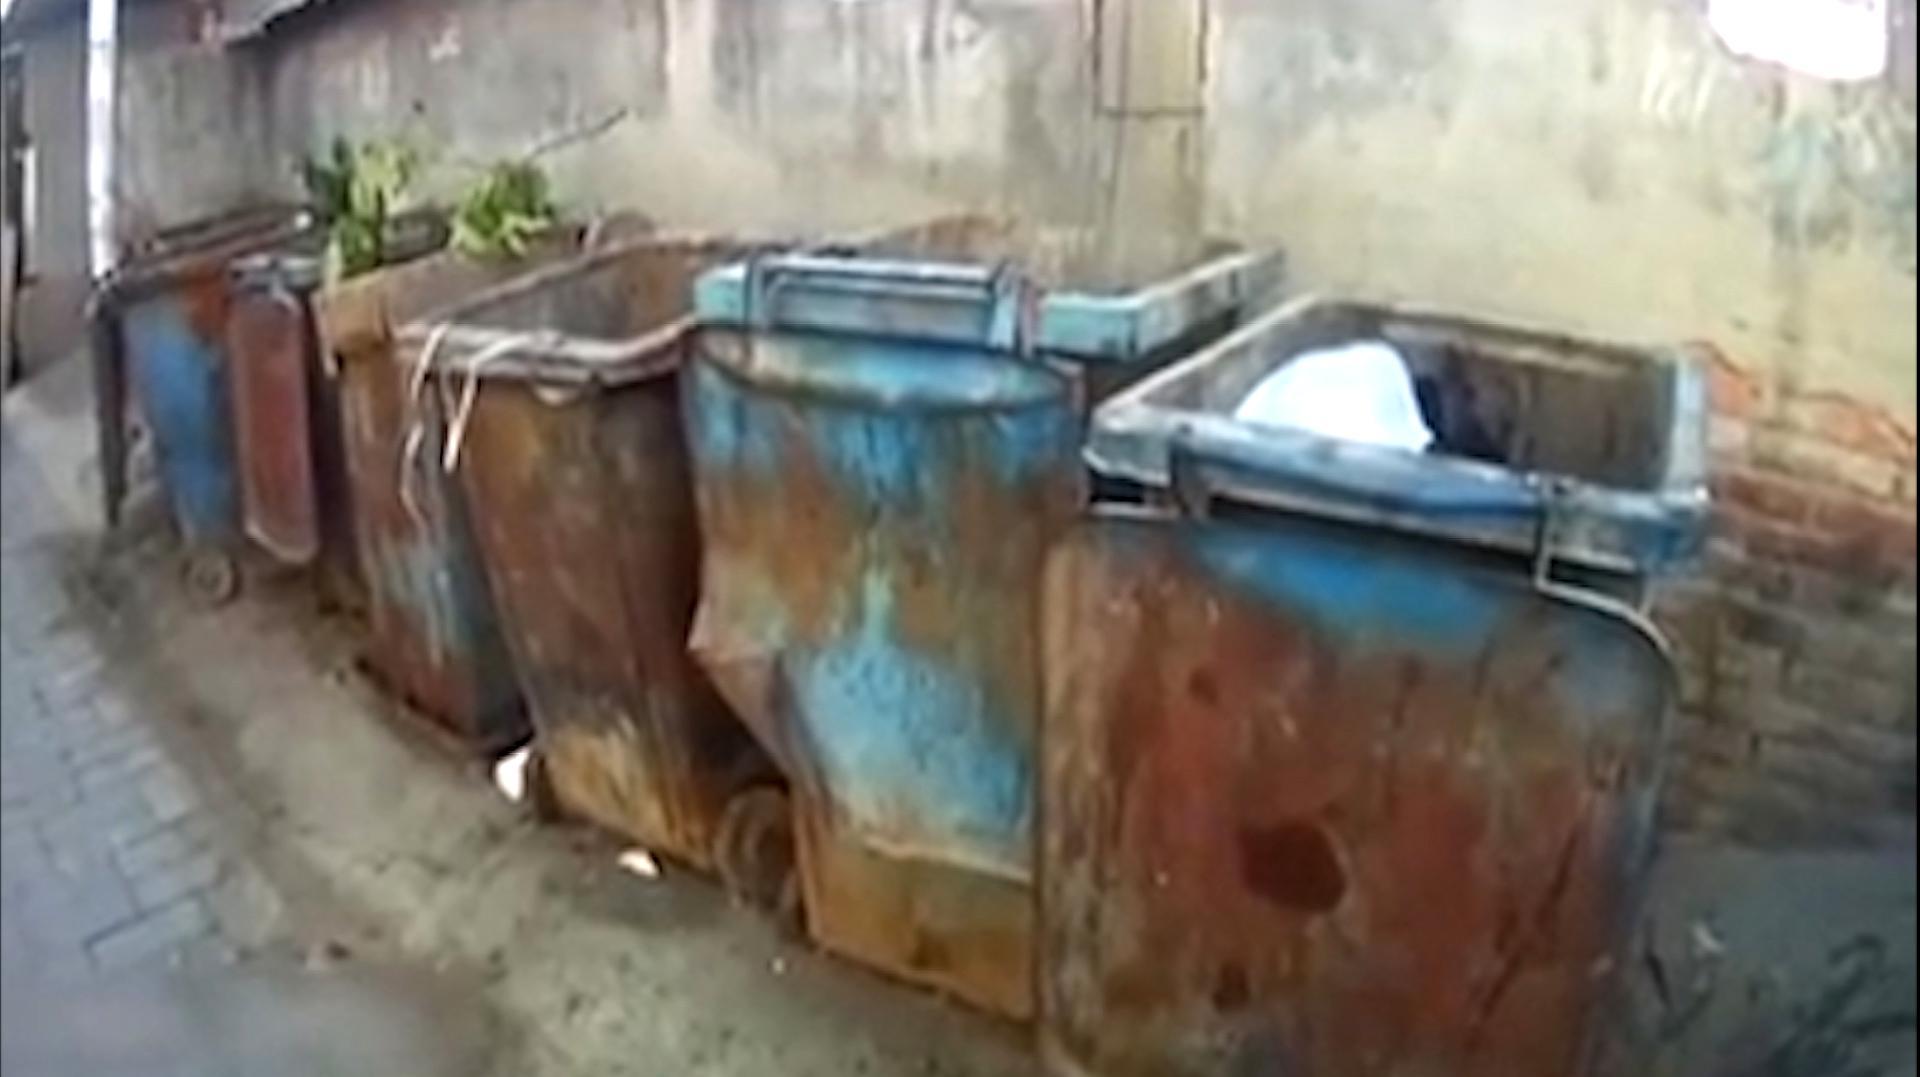 愤怒!北京昌平区一垃圾桶内发现弃婴发现时脐带还未剪断